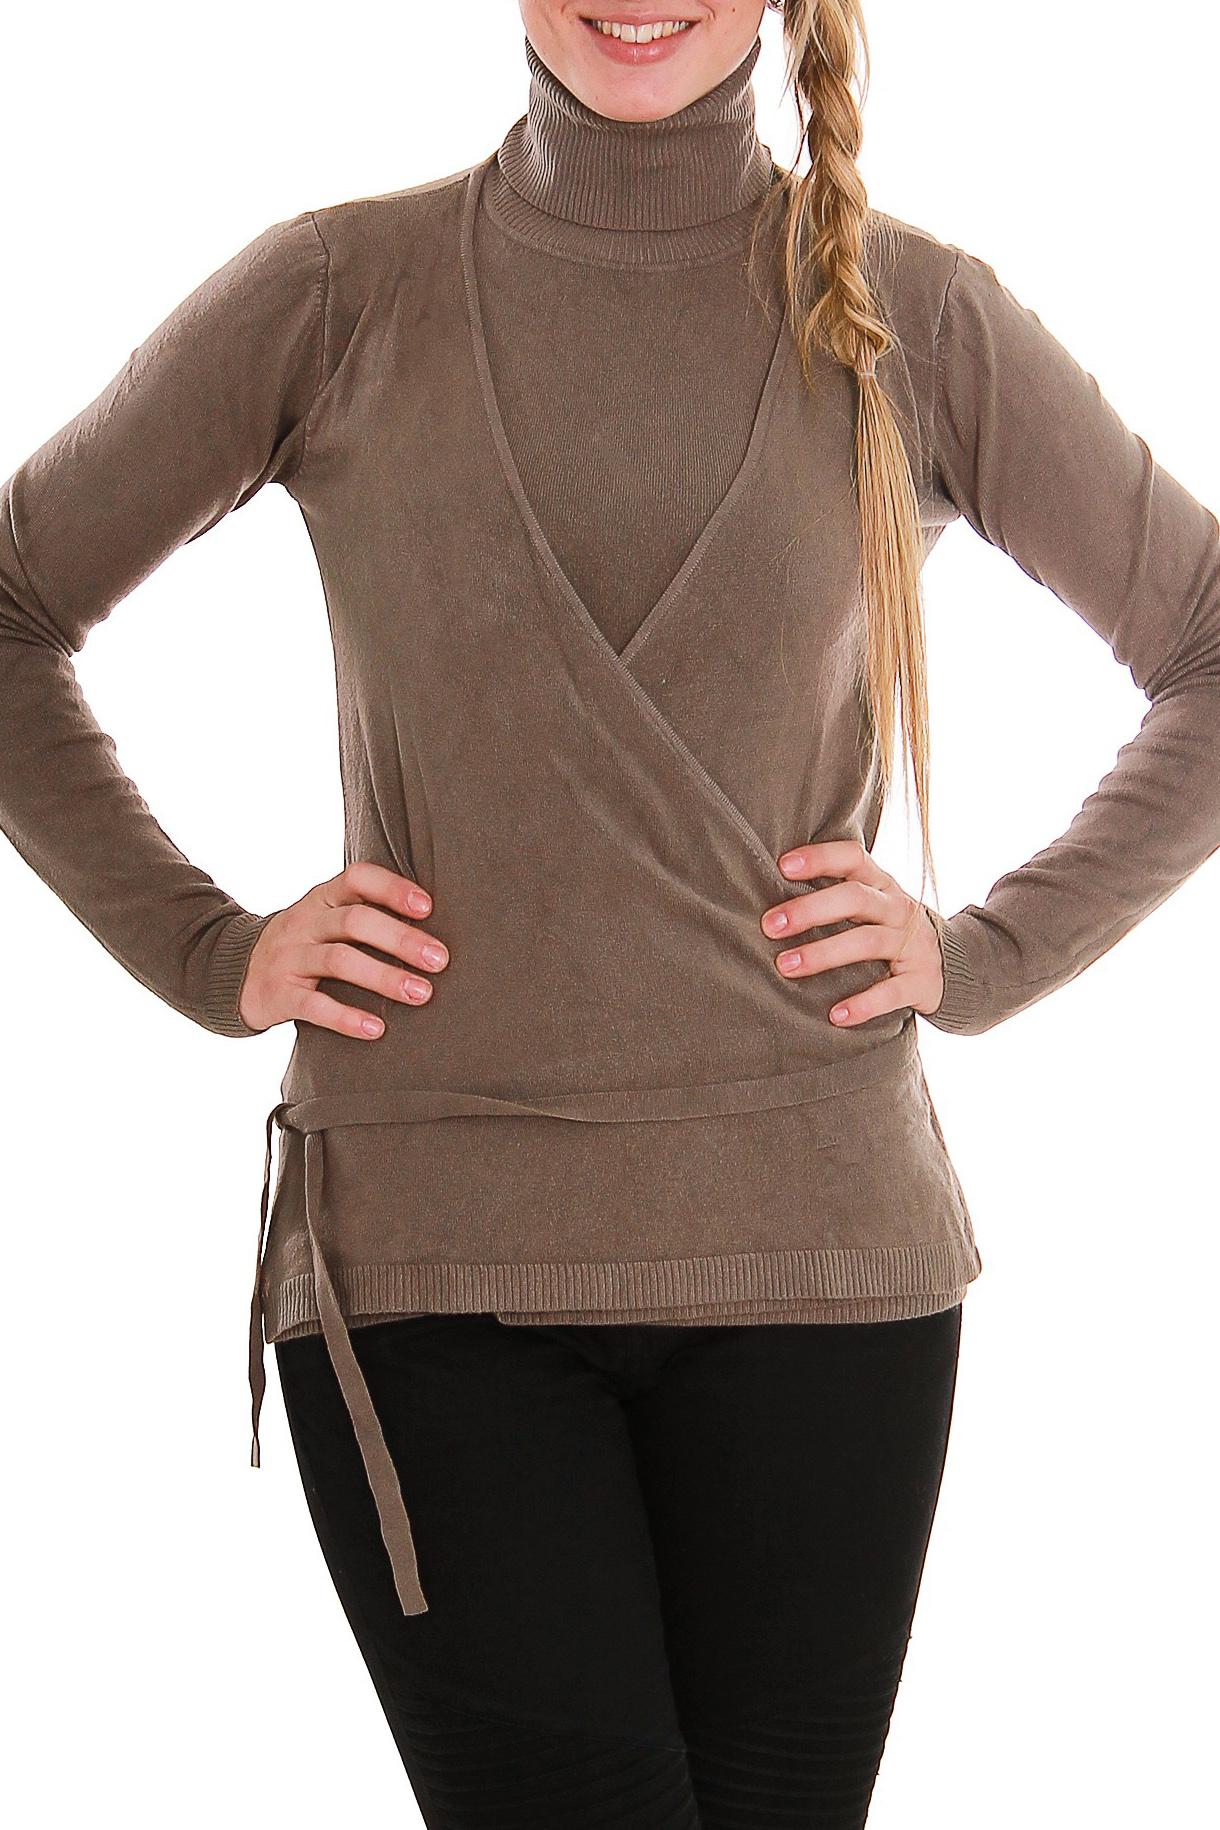 СвитерСвитеры<br>Мягкий, теплый и удобный свитер для милых дам.  Рост девушки-фотомодели 170 см.<br><br>Воротник: Стойка<br>По материалу: Вискоза,Трикотаж<br>По рисунку: Однотонные<br>По сезону: Зима,Осень<br>По силуэту: Полуприталенные<br>По элементам: С декором<br>Рукав: Длинный рукав<br>По стилю: Молодежный стиль,Повседневный стиль<br>Размер : 44-46<br>Материал: Трикотаж<br>Количество в наличии: 1